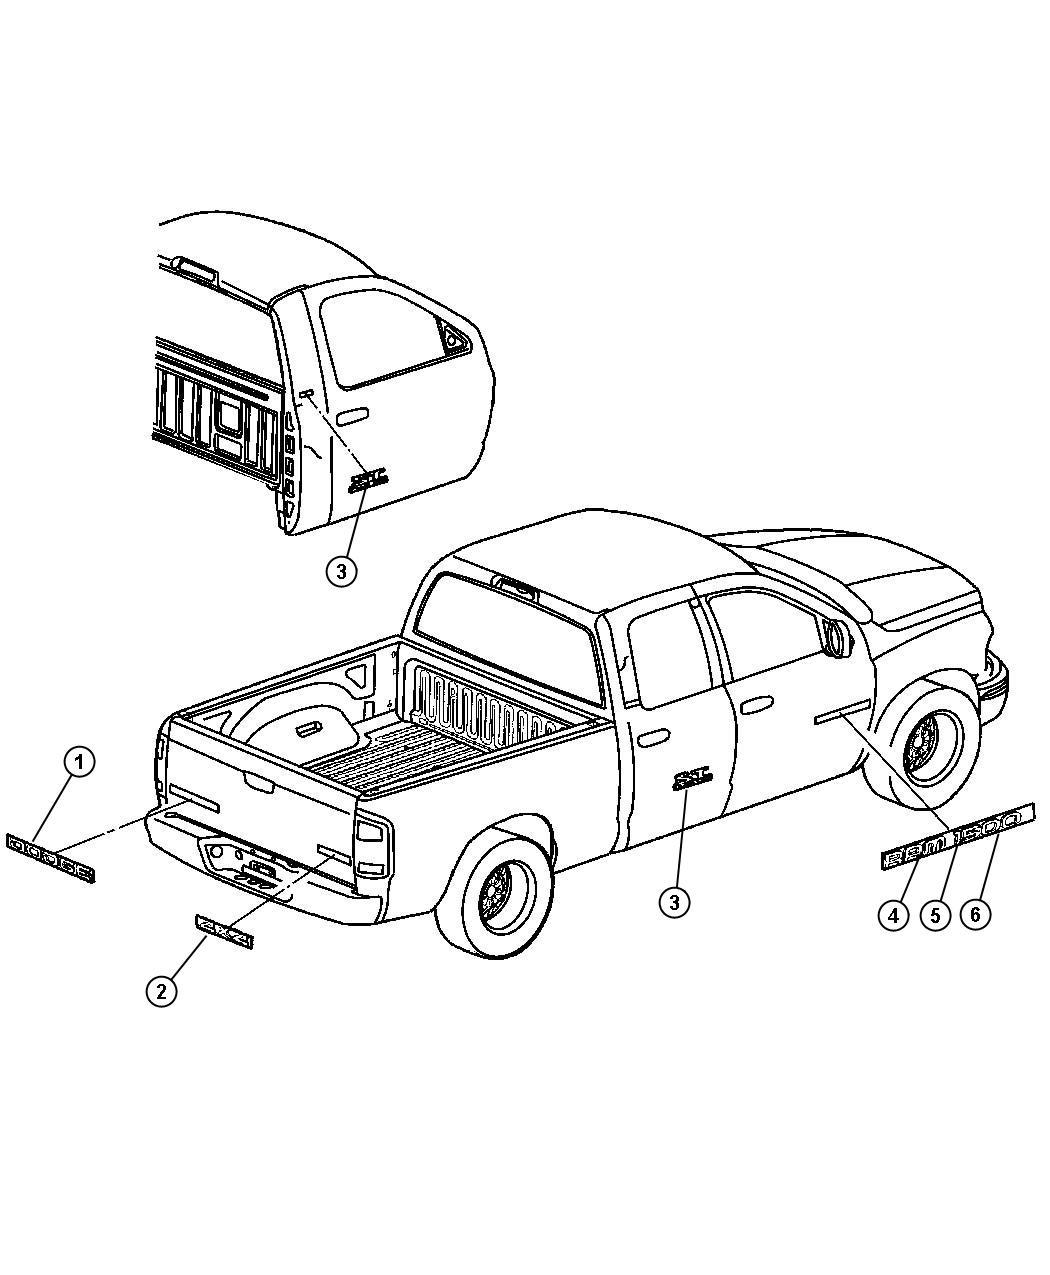 2004 Dodge Ram 1500 Nameplate. Tailgate. Heavy duty. Box